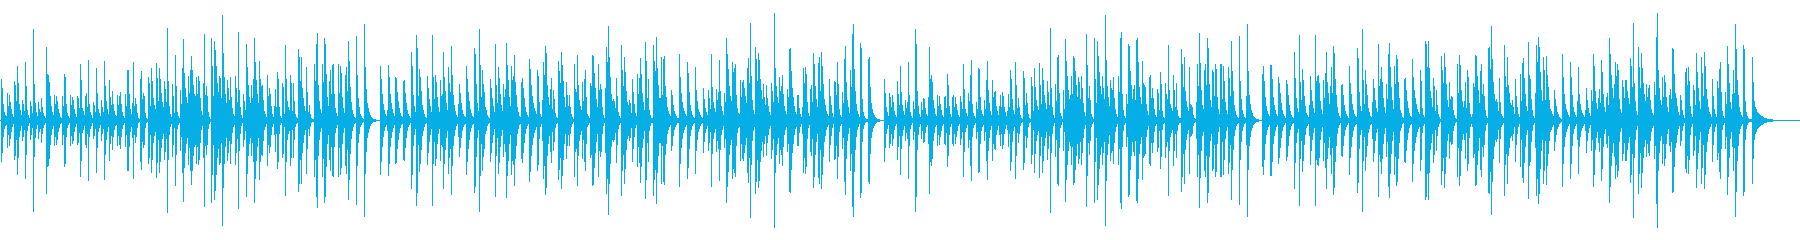 ピアノソナタ オルフ木琴の再生済みの波形